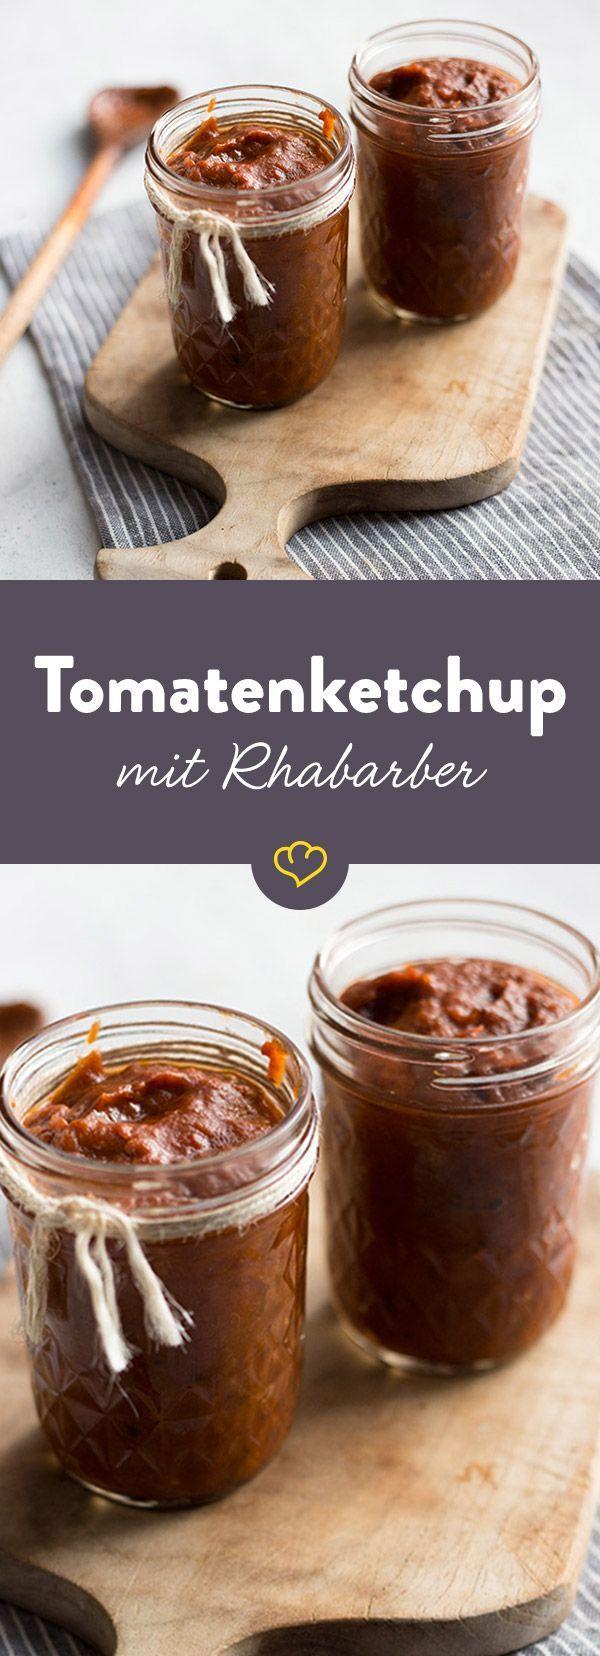 Der selbstgemachte Tomatenketchup wird mit Rhabarber verfeinert und schmeckt – ganz ohne künstliche Geschmacksverstärker – nicht nur zur Grillsaison lecker.